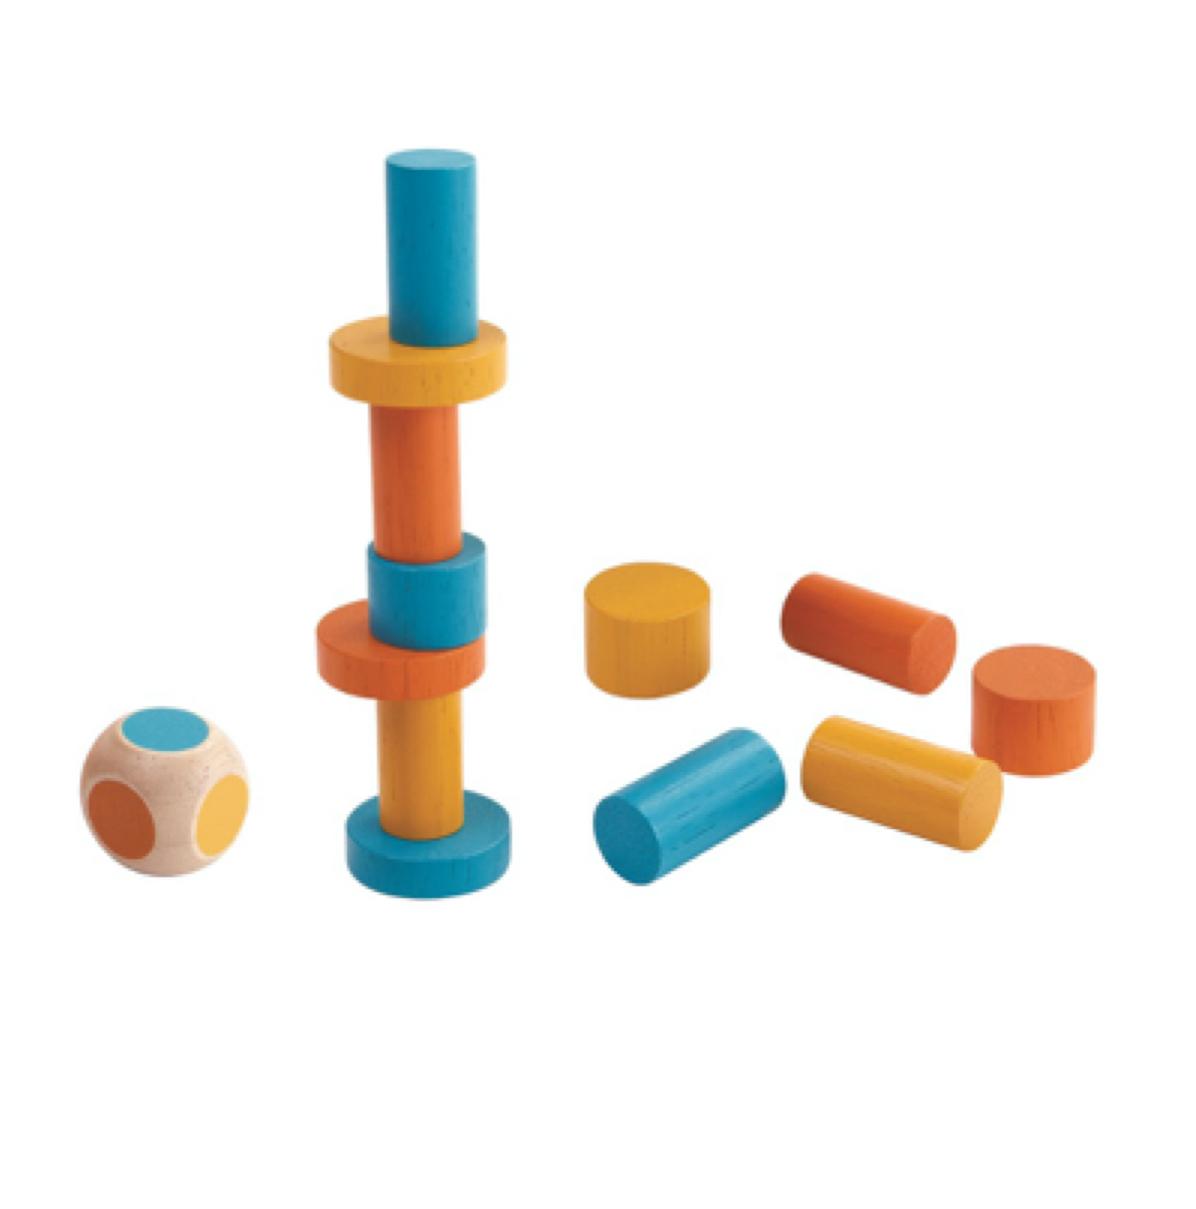 juego-de-habilidad-stacking-game-plantoys-el-mundo-de-mico2